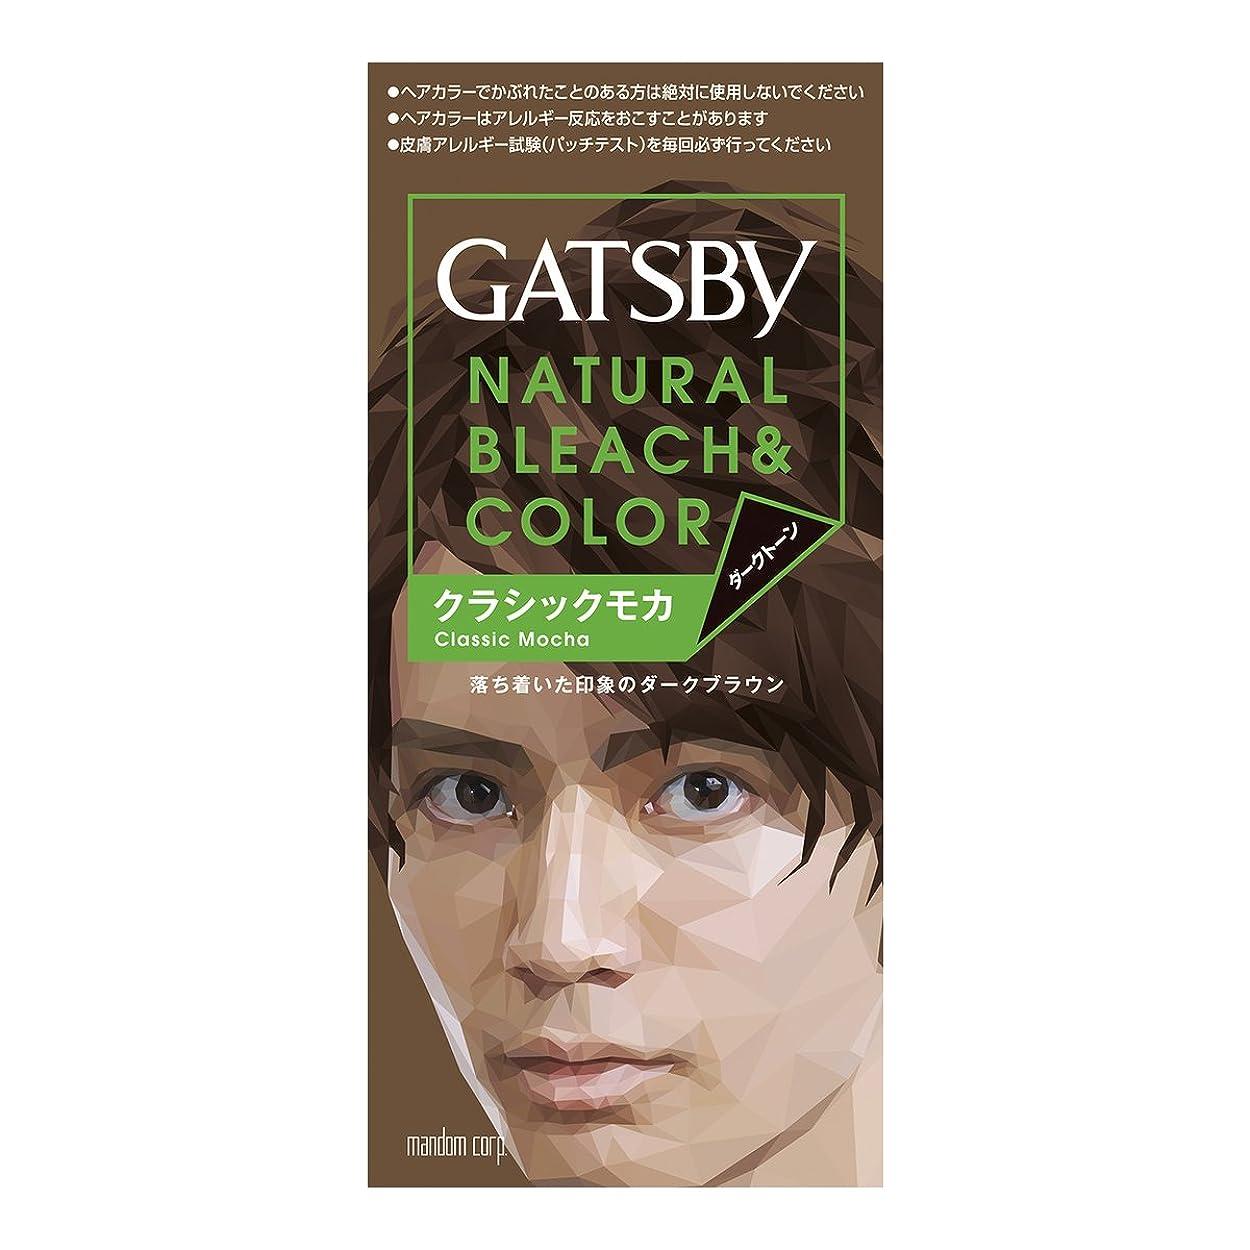 スナップ満州想像するGATSBY(ギャツビー) ナチュラルブリーチカラー クラシックモカ 1剤35g 2剤70mL [医薬部外品]